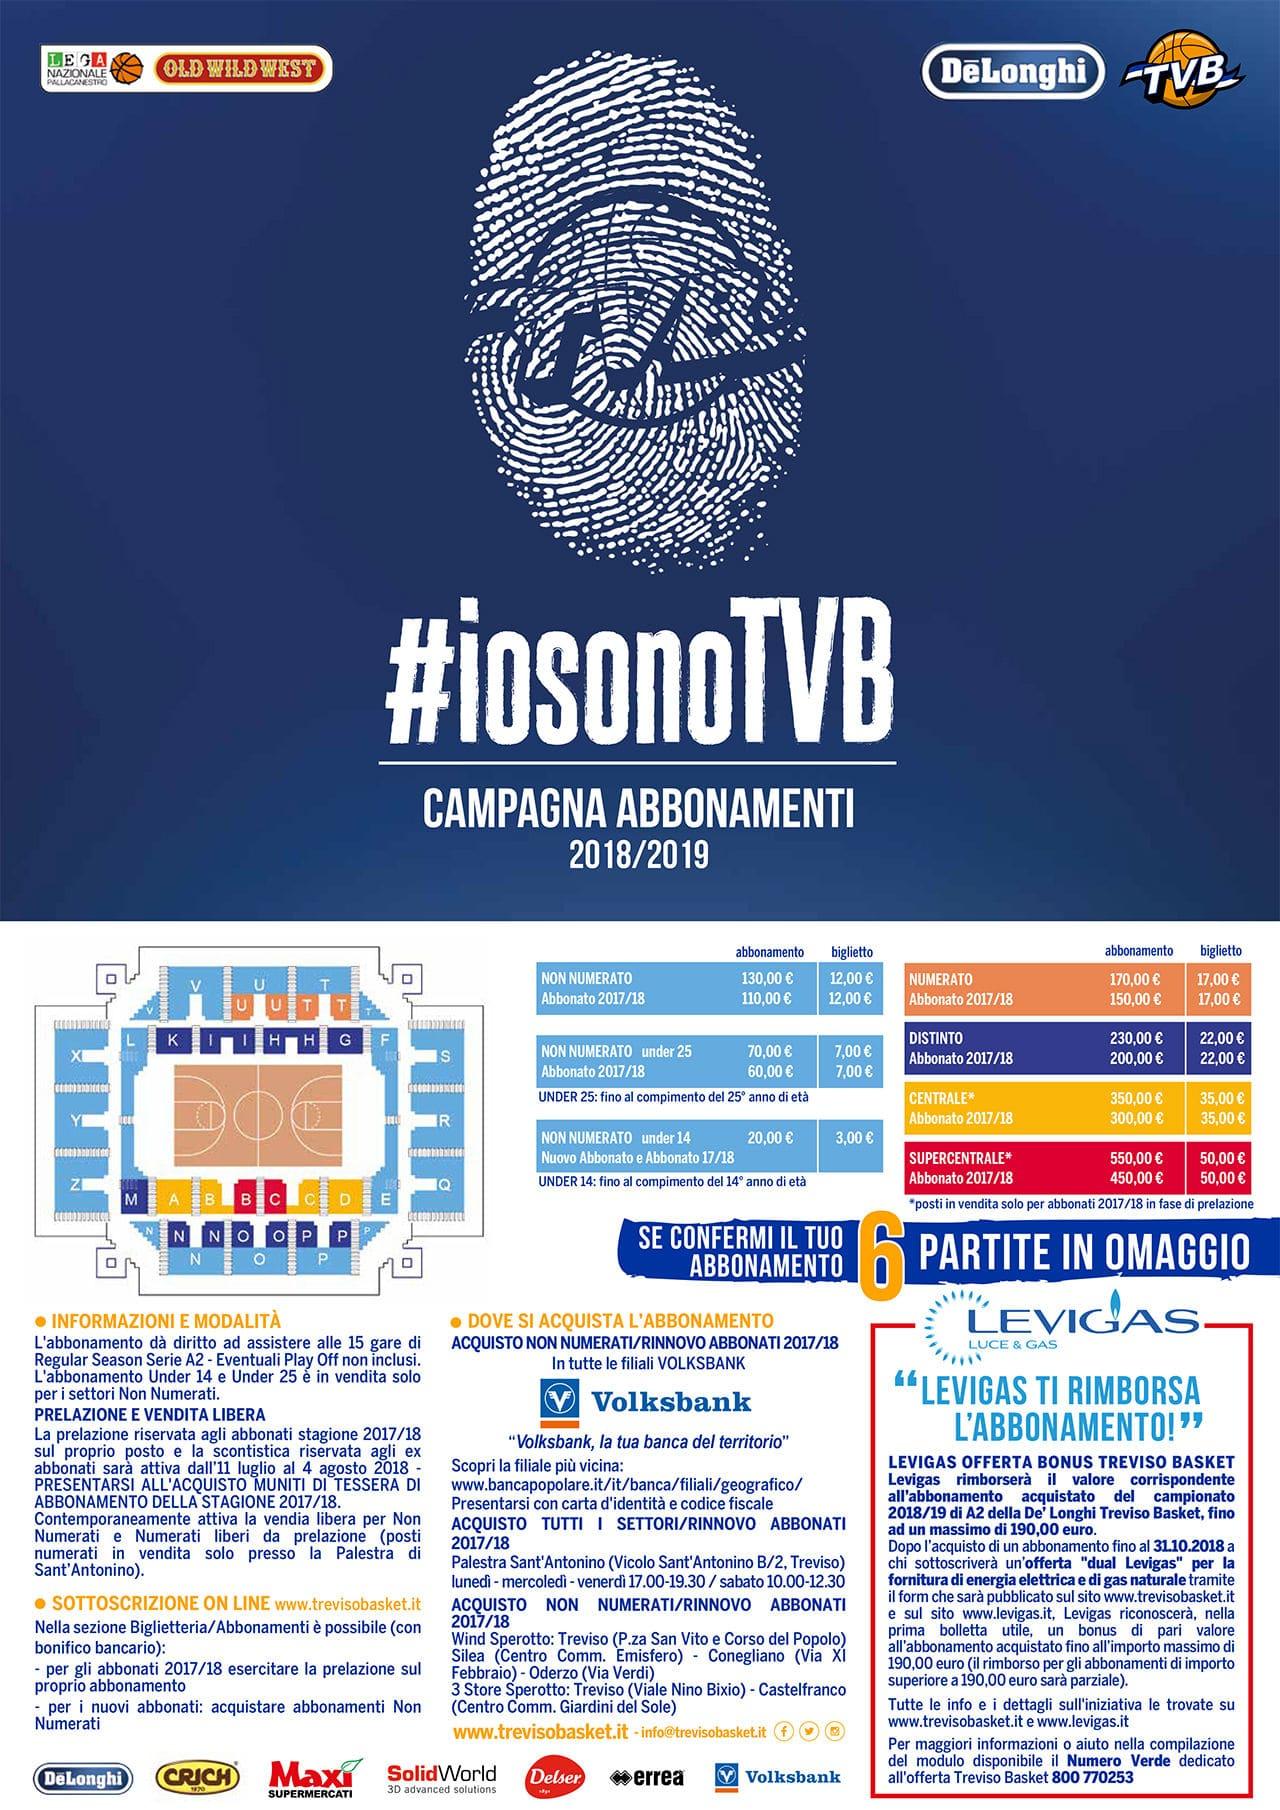 Locandina #iosonoTVB - Campagna Abbonamenti TVB 2018/19